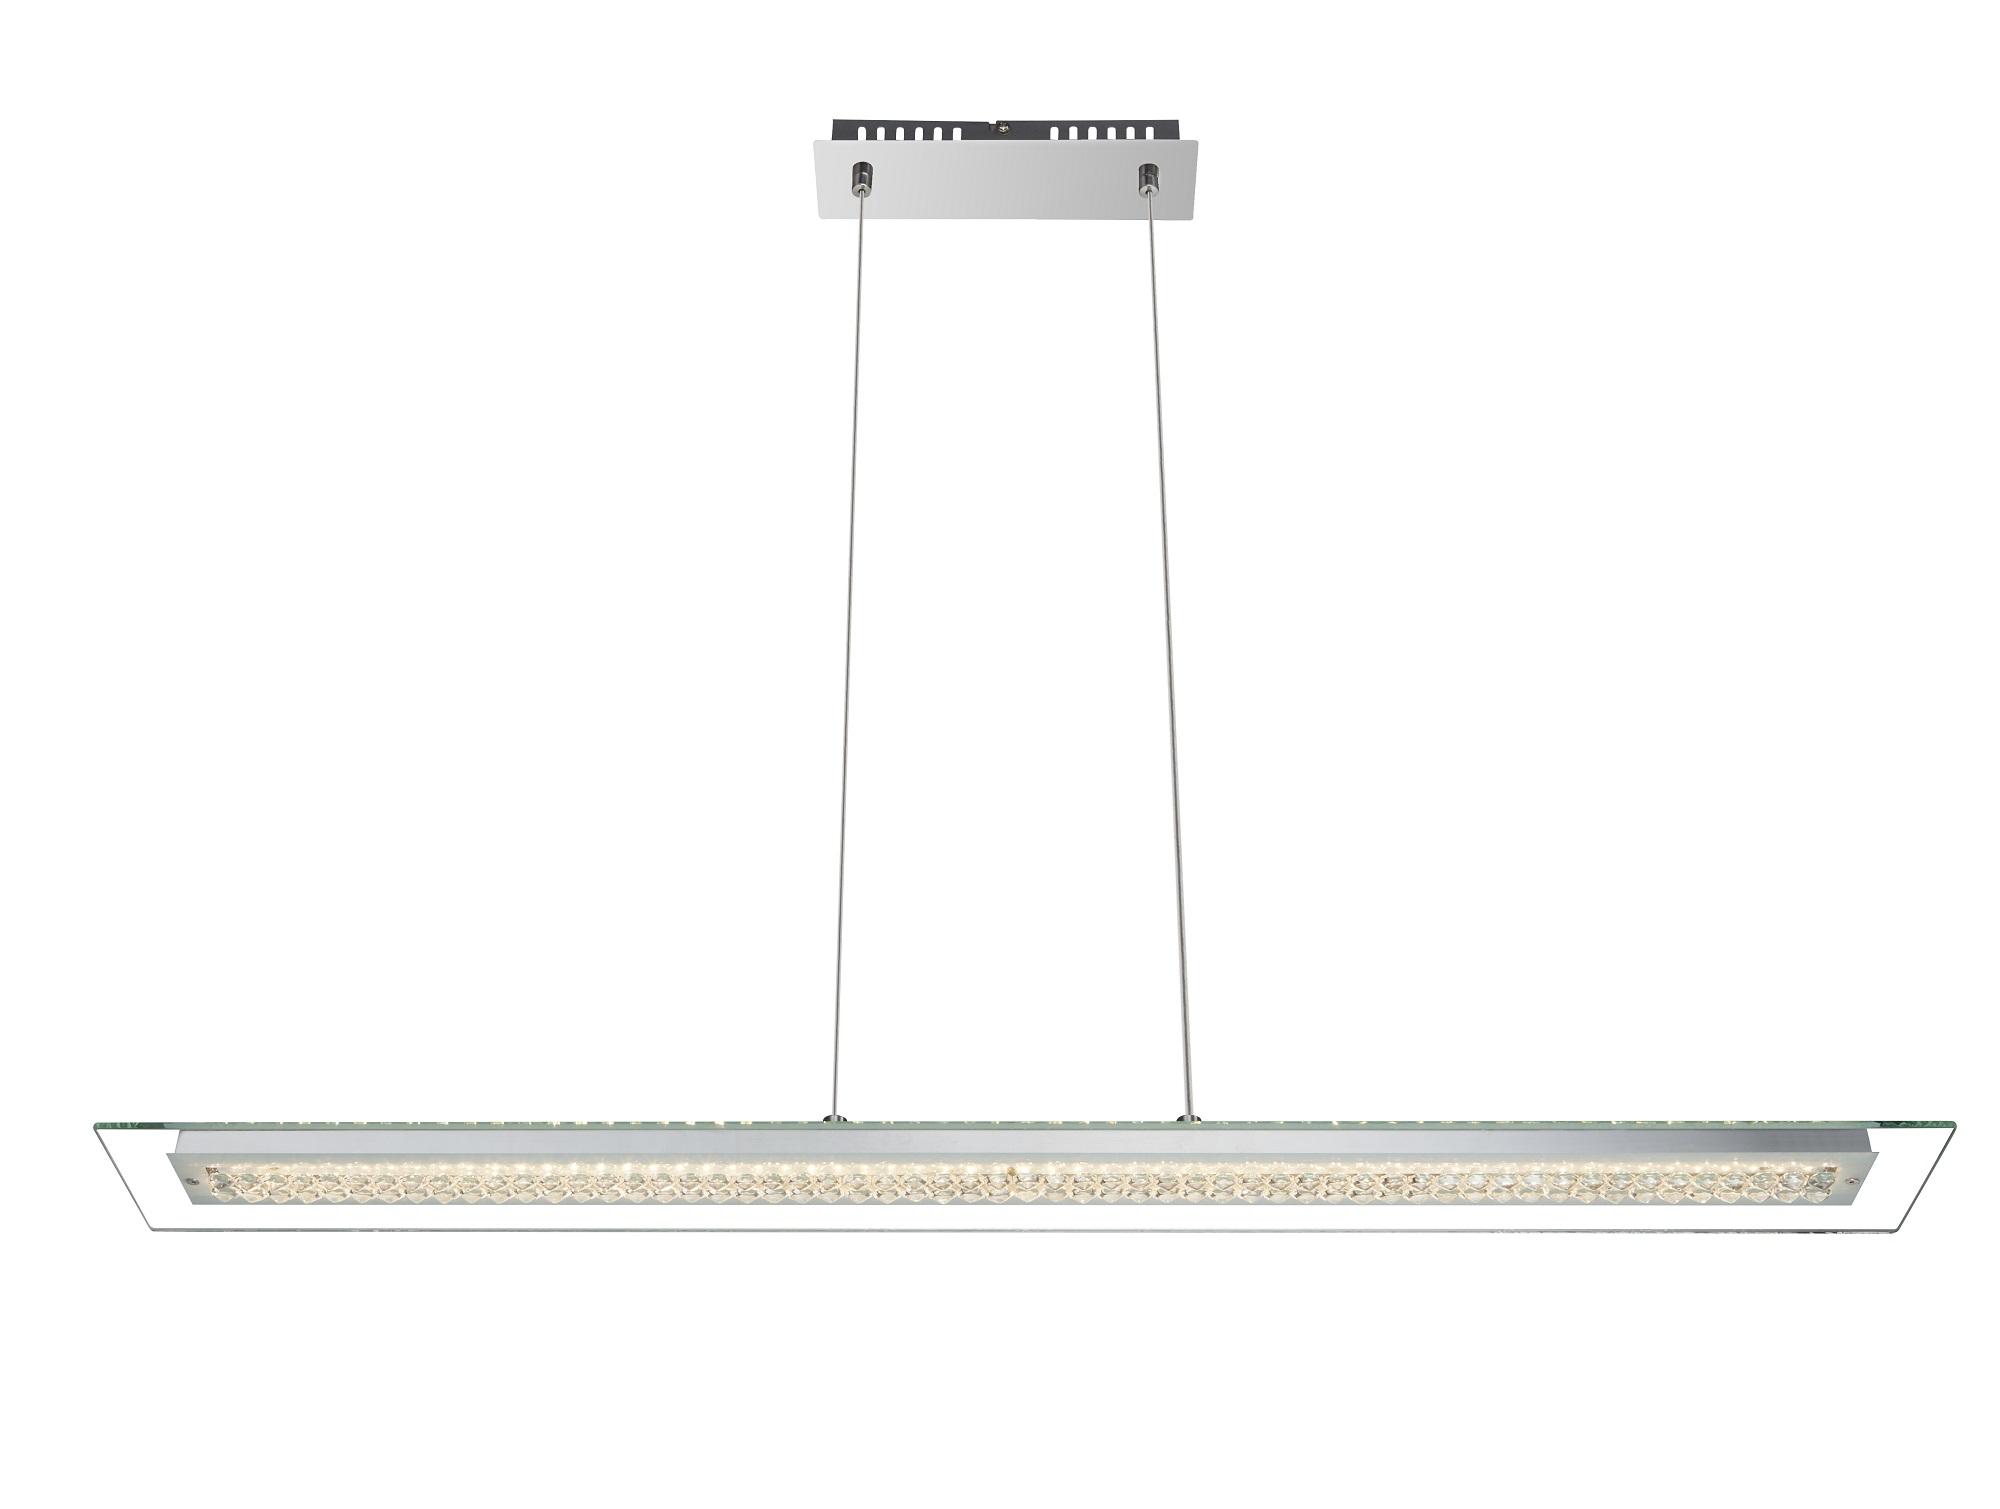 Светильник подвеснойПодвесные светильники<br>&amp;lt;div&amp;gt;&amp;lt;div&amp;gt;Вид цоколя: LED&amp;lt;/div&amp;gt;&amp;lt;div&amp;gt;Мощность: &amp;amp;nbsp;18W&amp;amp;nbsp;&amp;lt;/div&amp;gt;&amp;lt;div&amp;gt;Количество ламп: 1 (в комплекте)&amp;lt;/div&amp;gt;&amp;lt;/div&amp;gt;<br><br>Material: Акрил<br>Ширина см: 12<br>Высота см: 91<br>Глубина см: 12